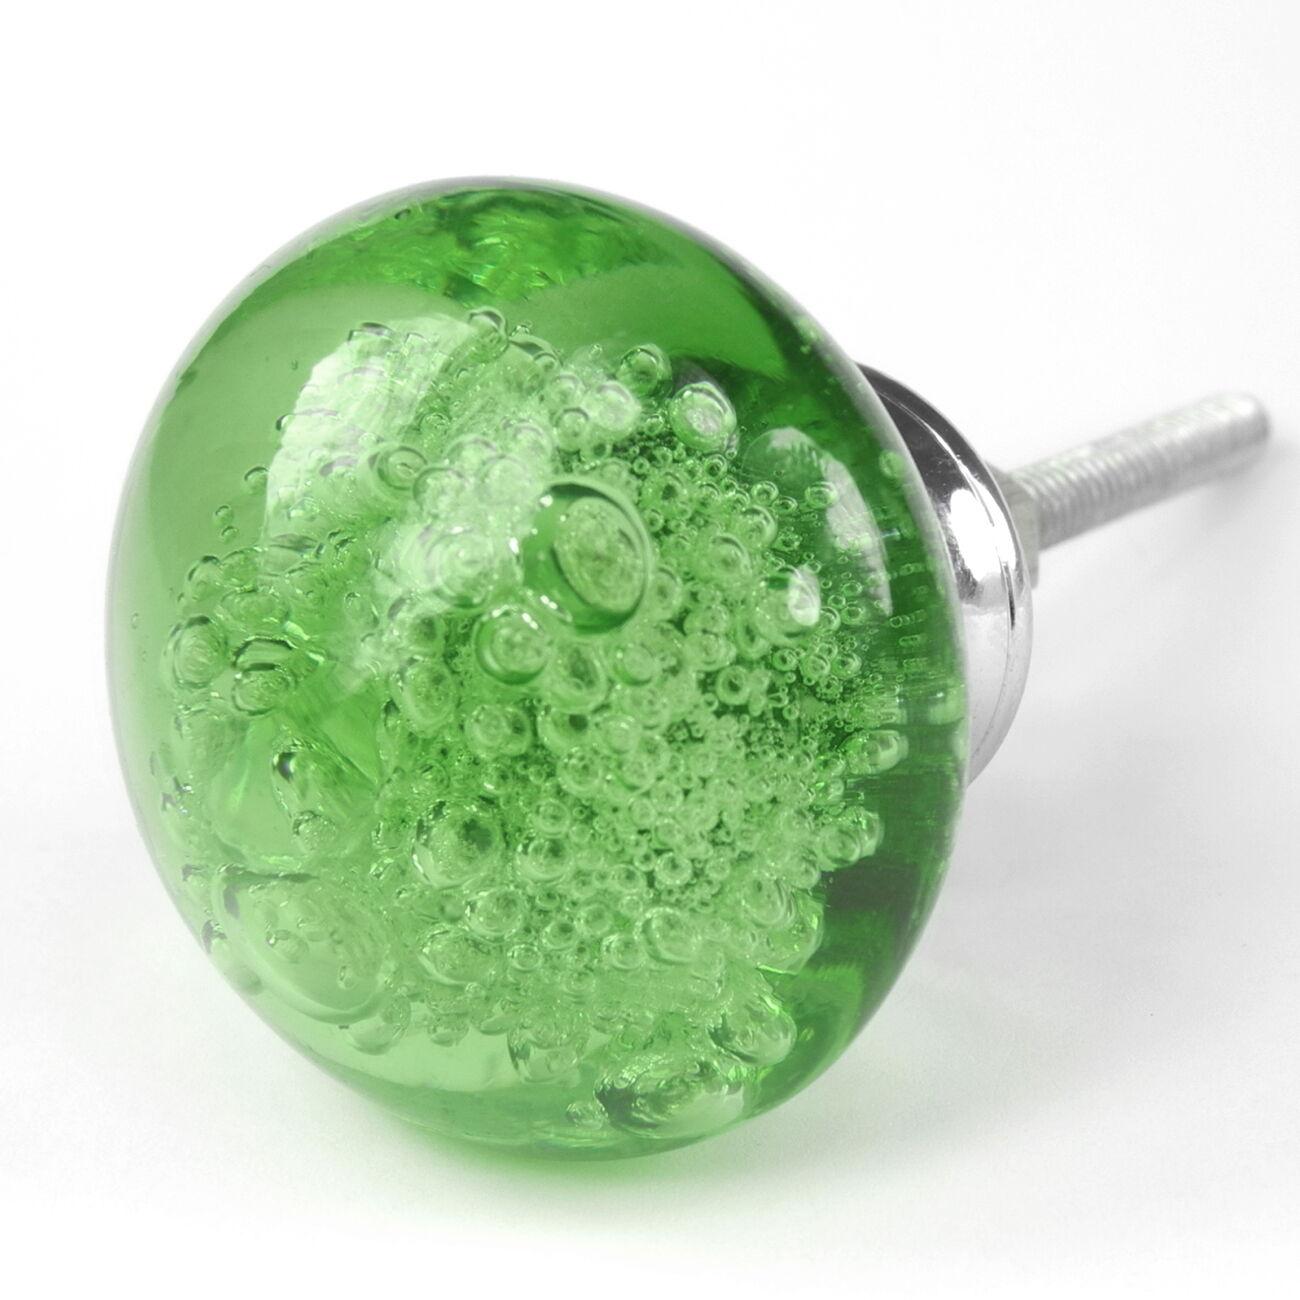 Victorian Vanity Cabinet Glass Handles Dresser Pulls Drawer Knobs Grün   K134